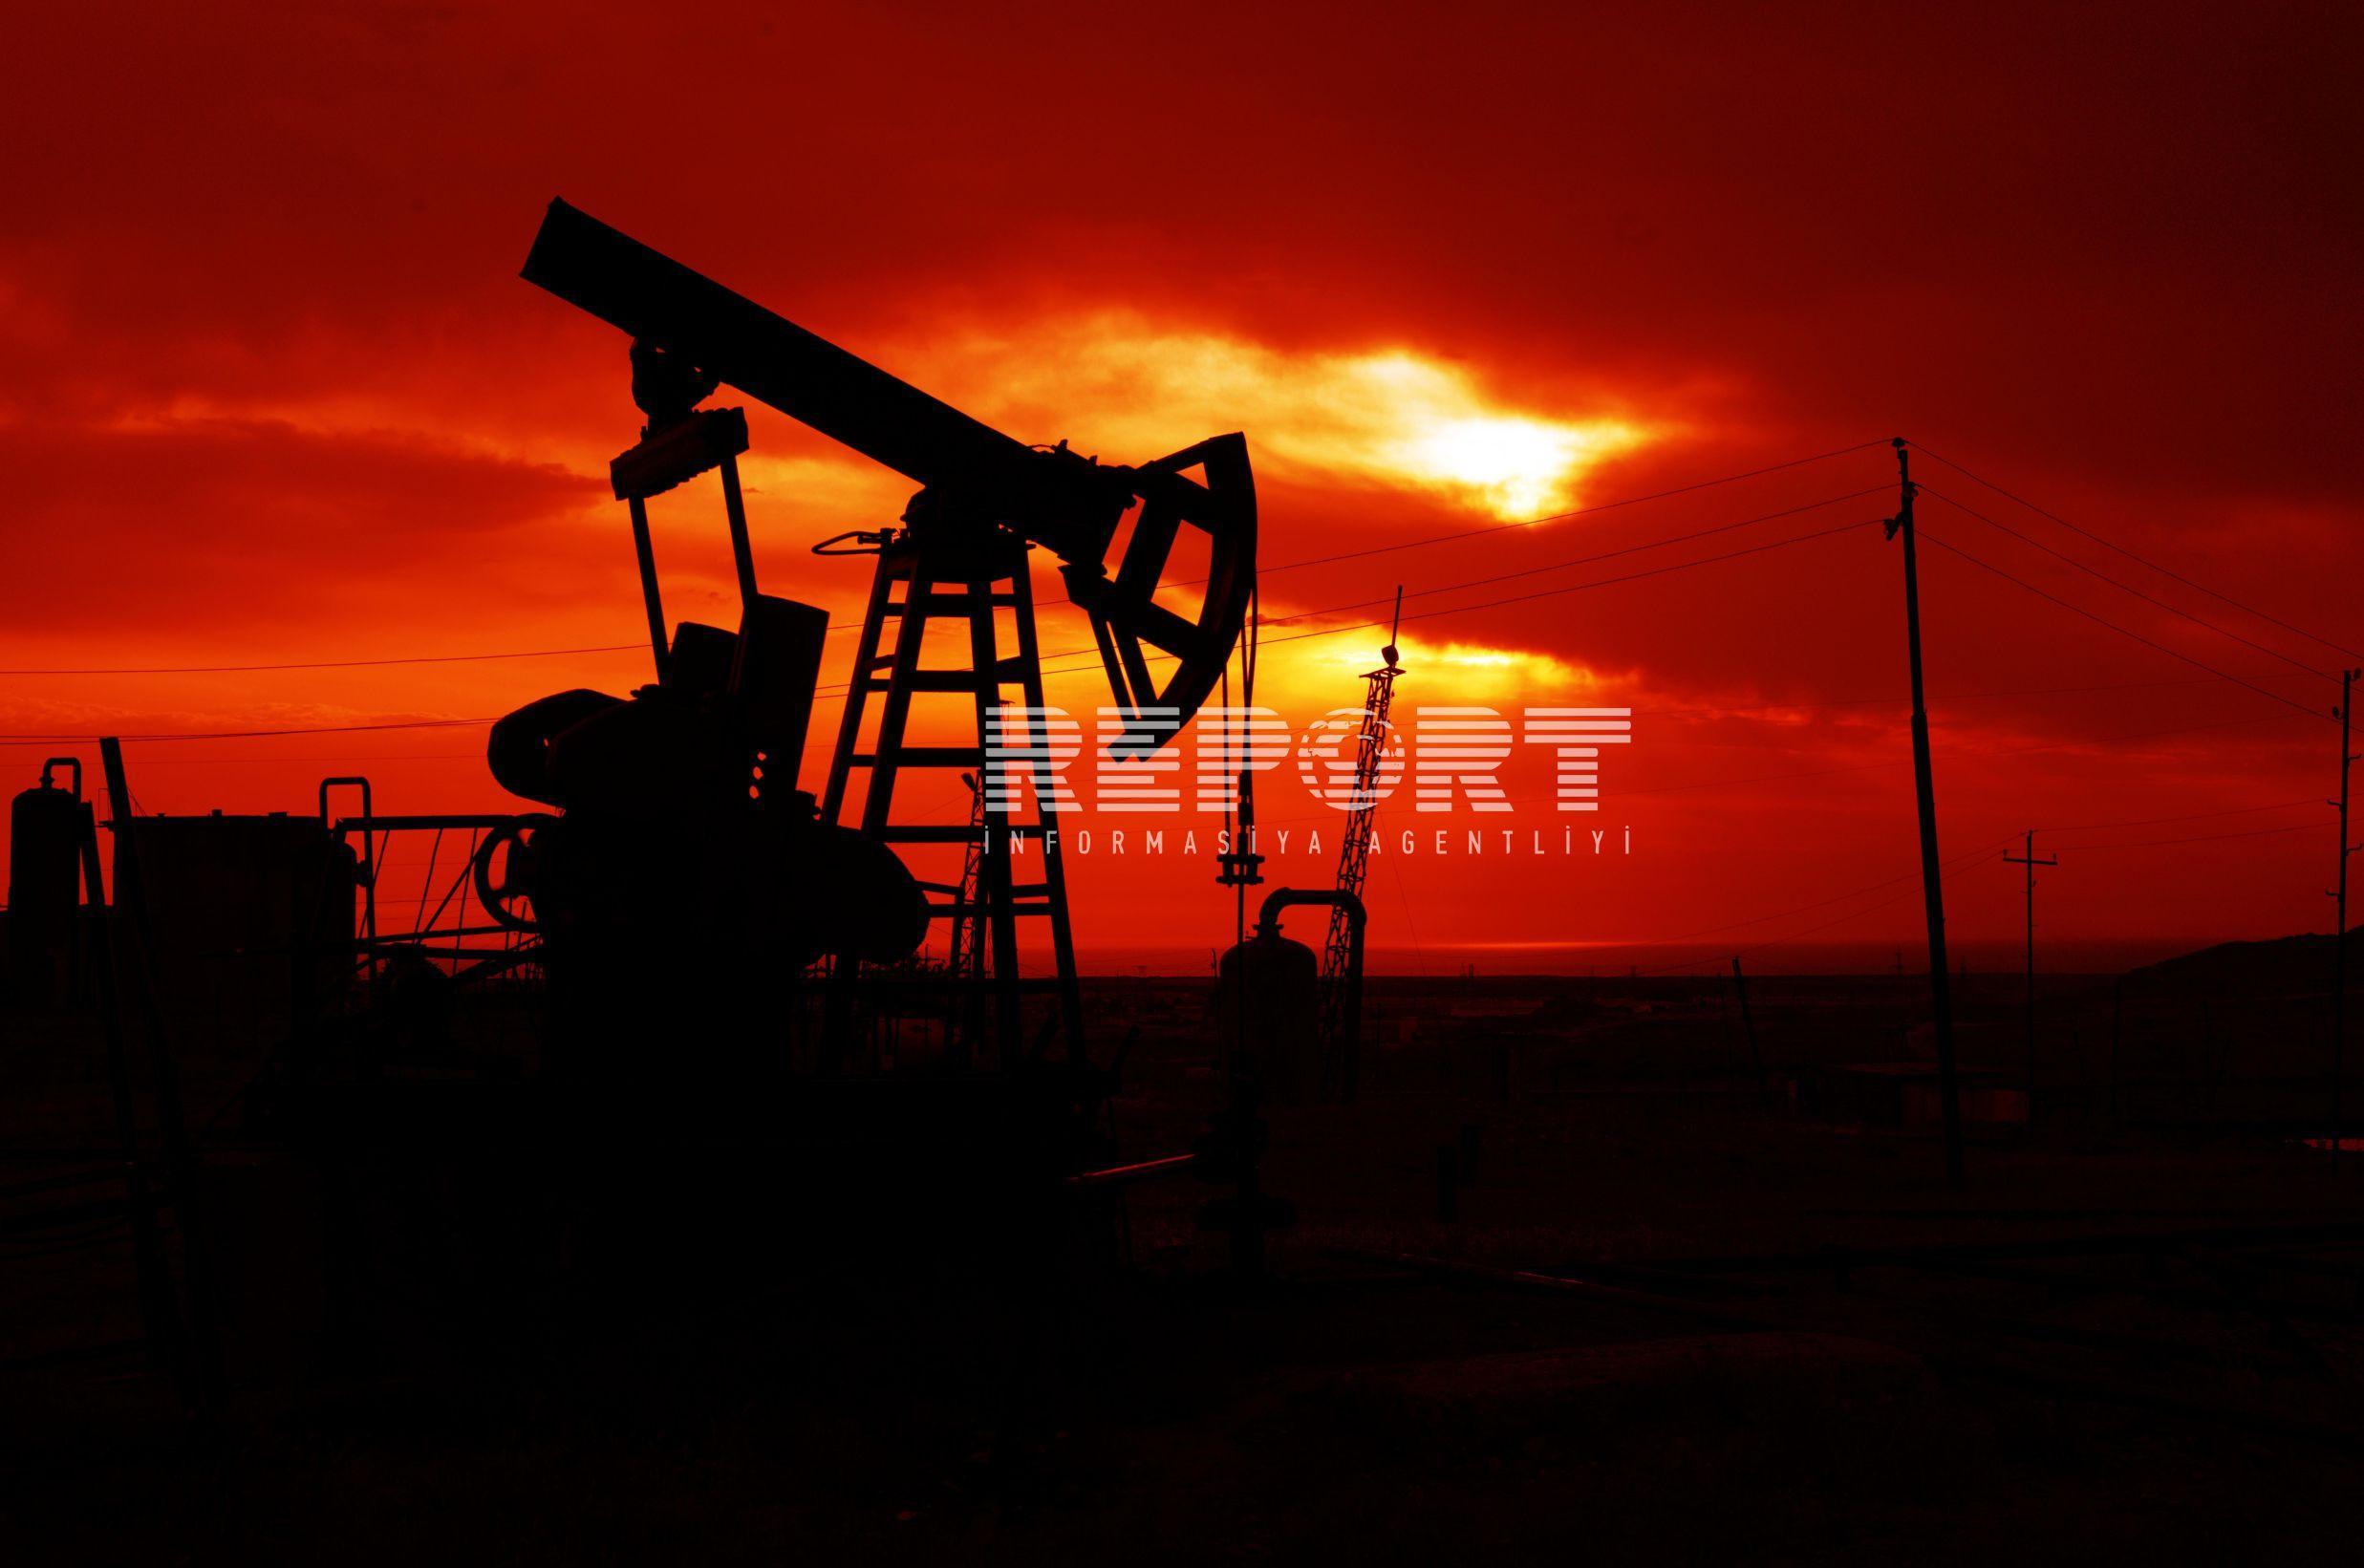 Abu-Dabidəki neft limanları Qətərlə əlaqələri dayandırıb